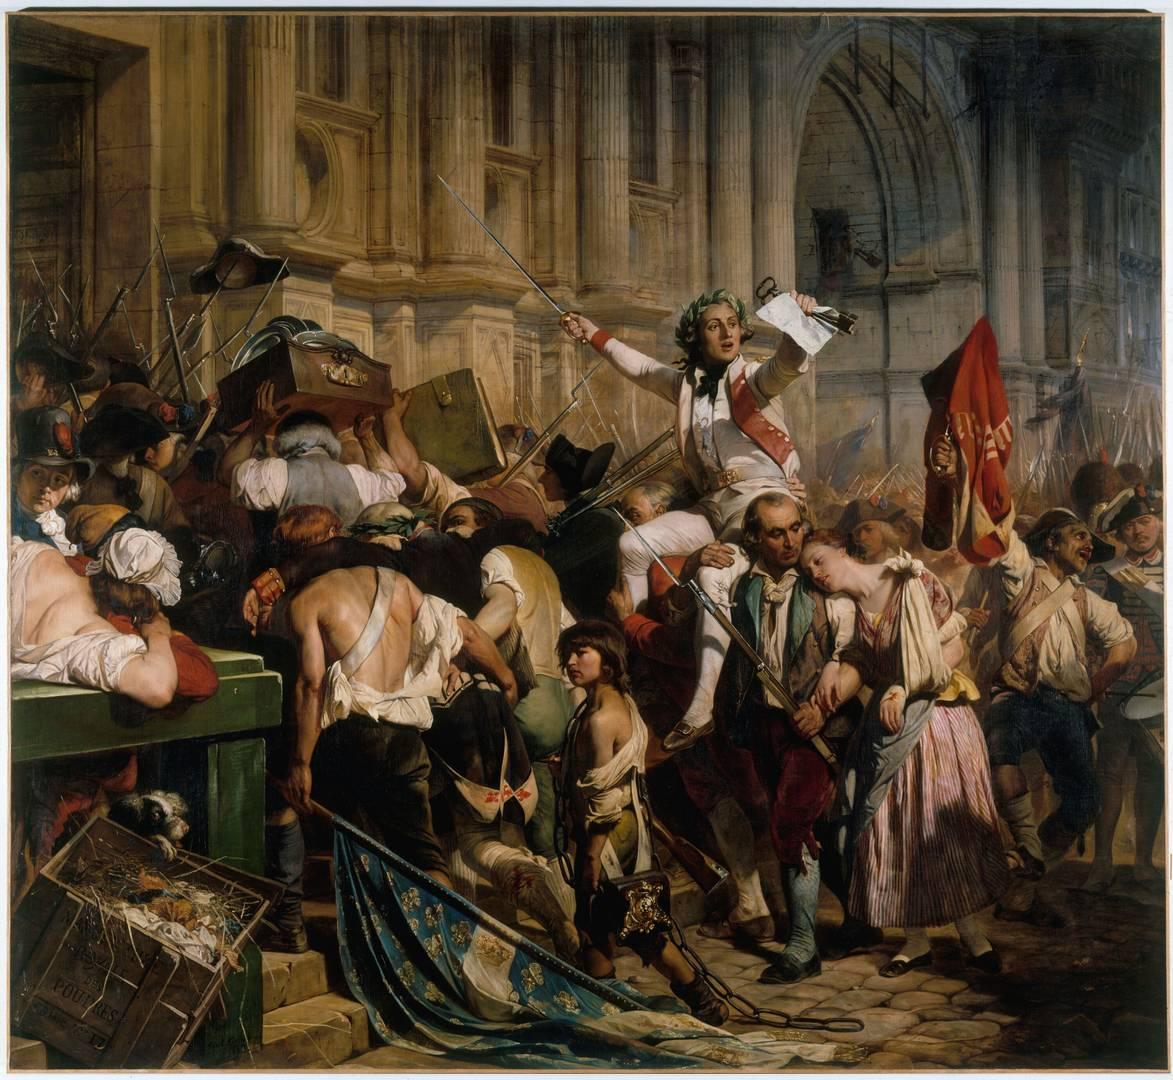 Поль Деларош. Победители Бастилии перед Ратушей. 14 июля 1789 года. 1830